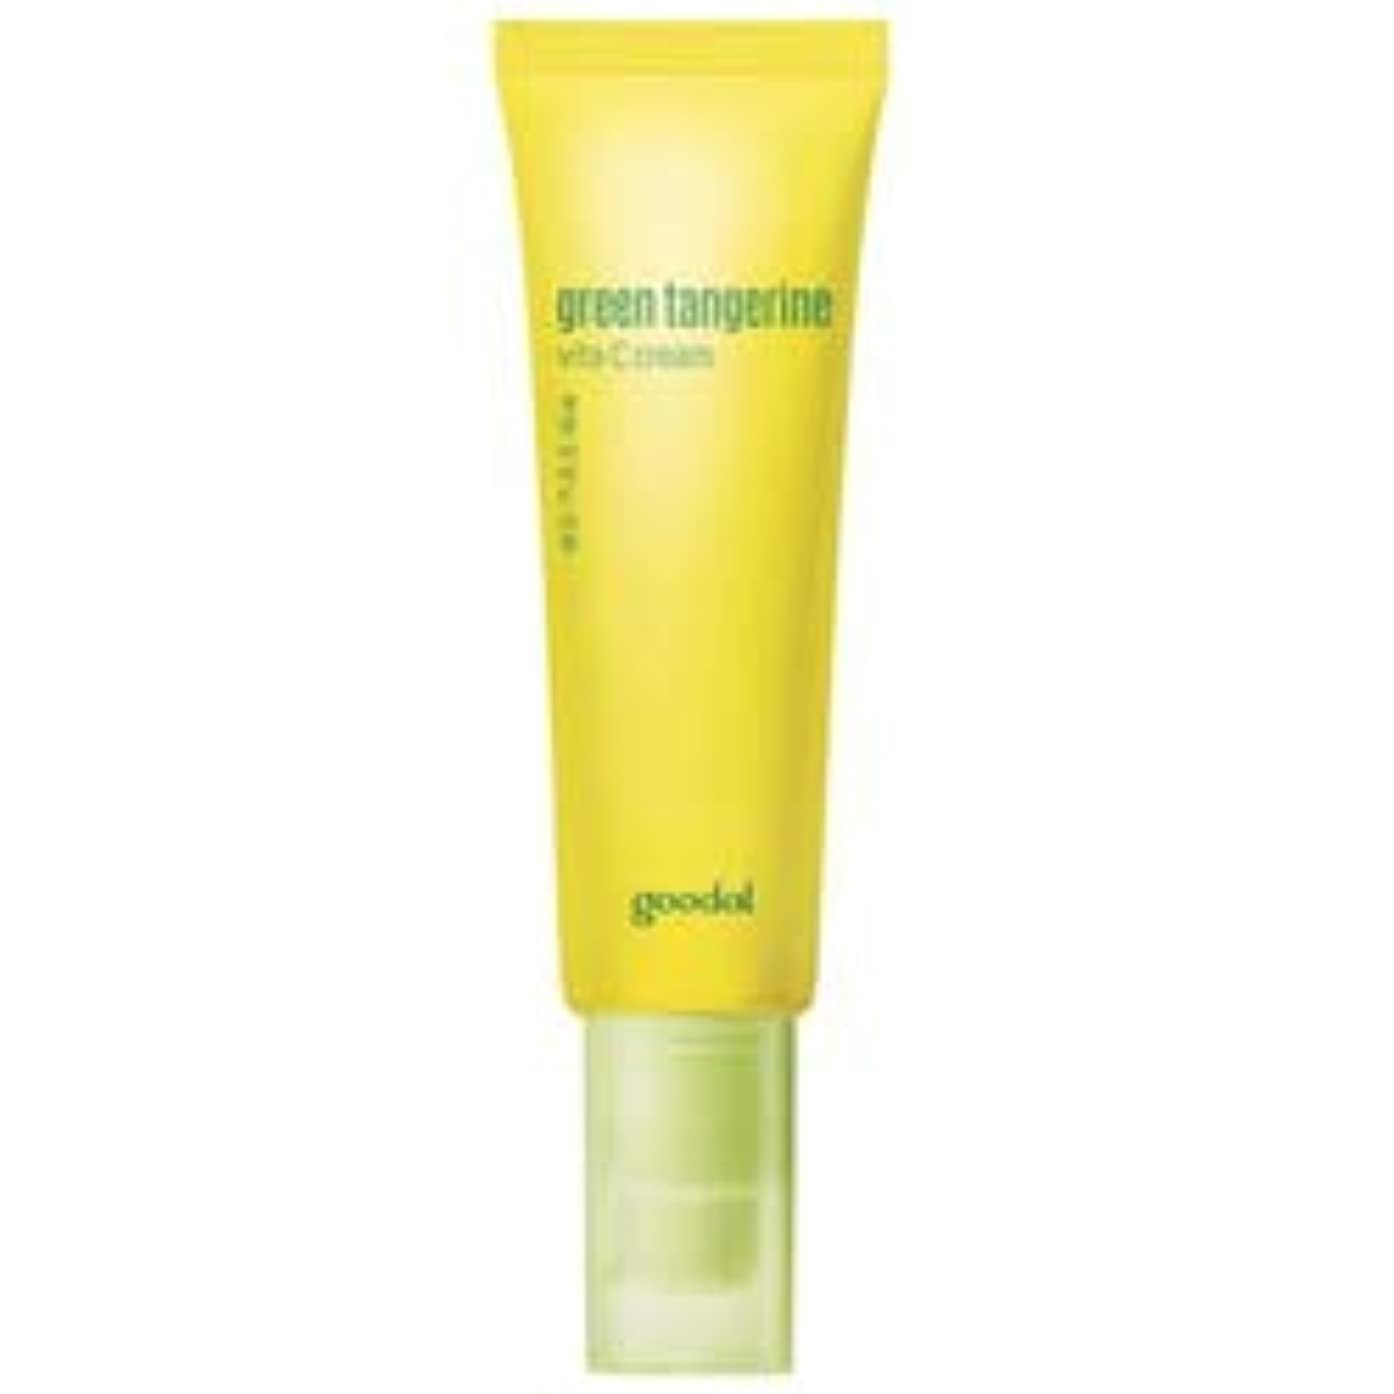 修羅場ランドマークほのめかす[goodal] Green Tangerine Vita C cream 50ml / [グーダル]タンジェリン ビタC クリーム 50ml [並行輸入品]